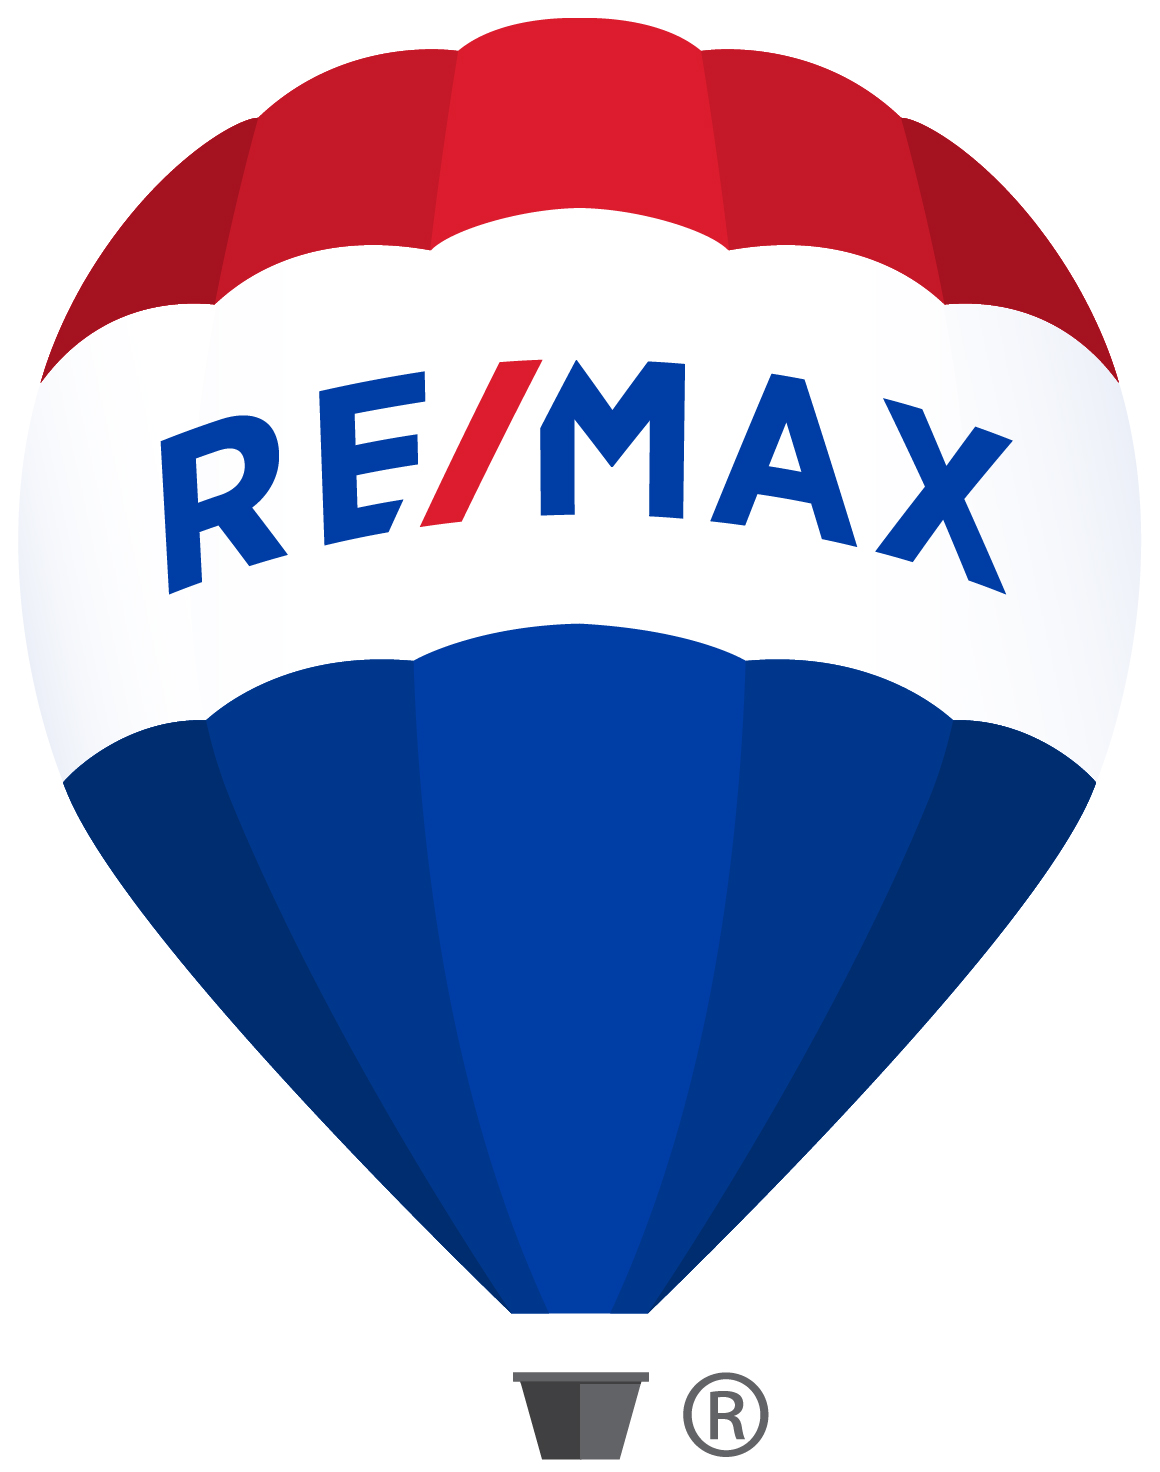 RE/MAX Advantage - Horseheads, NY